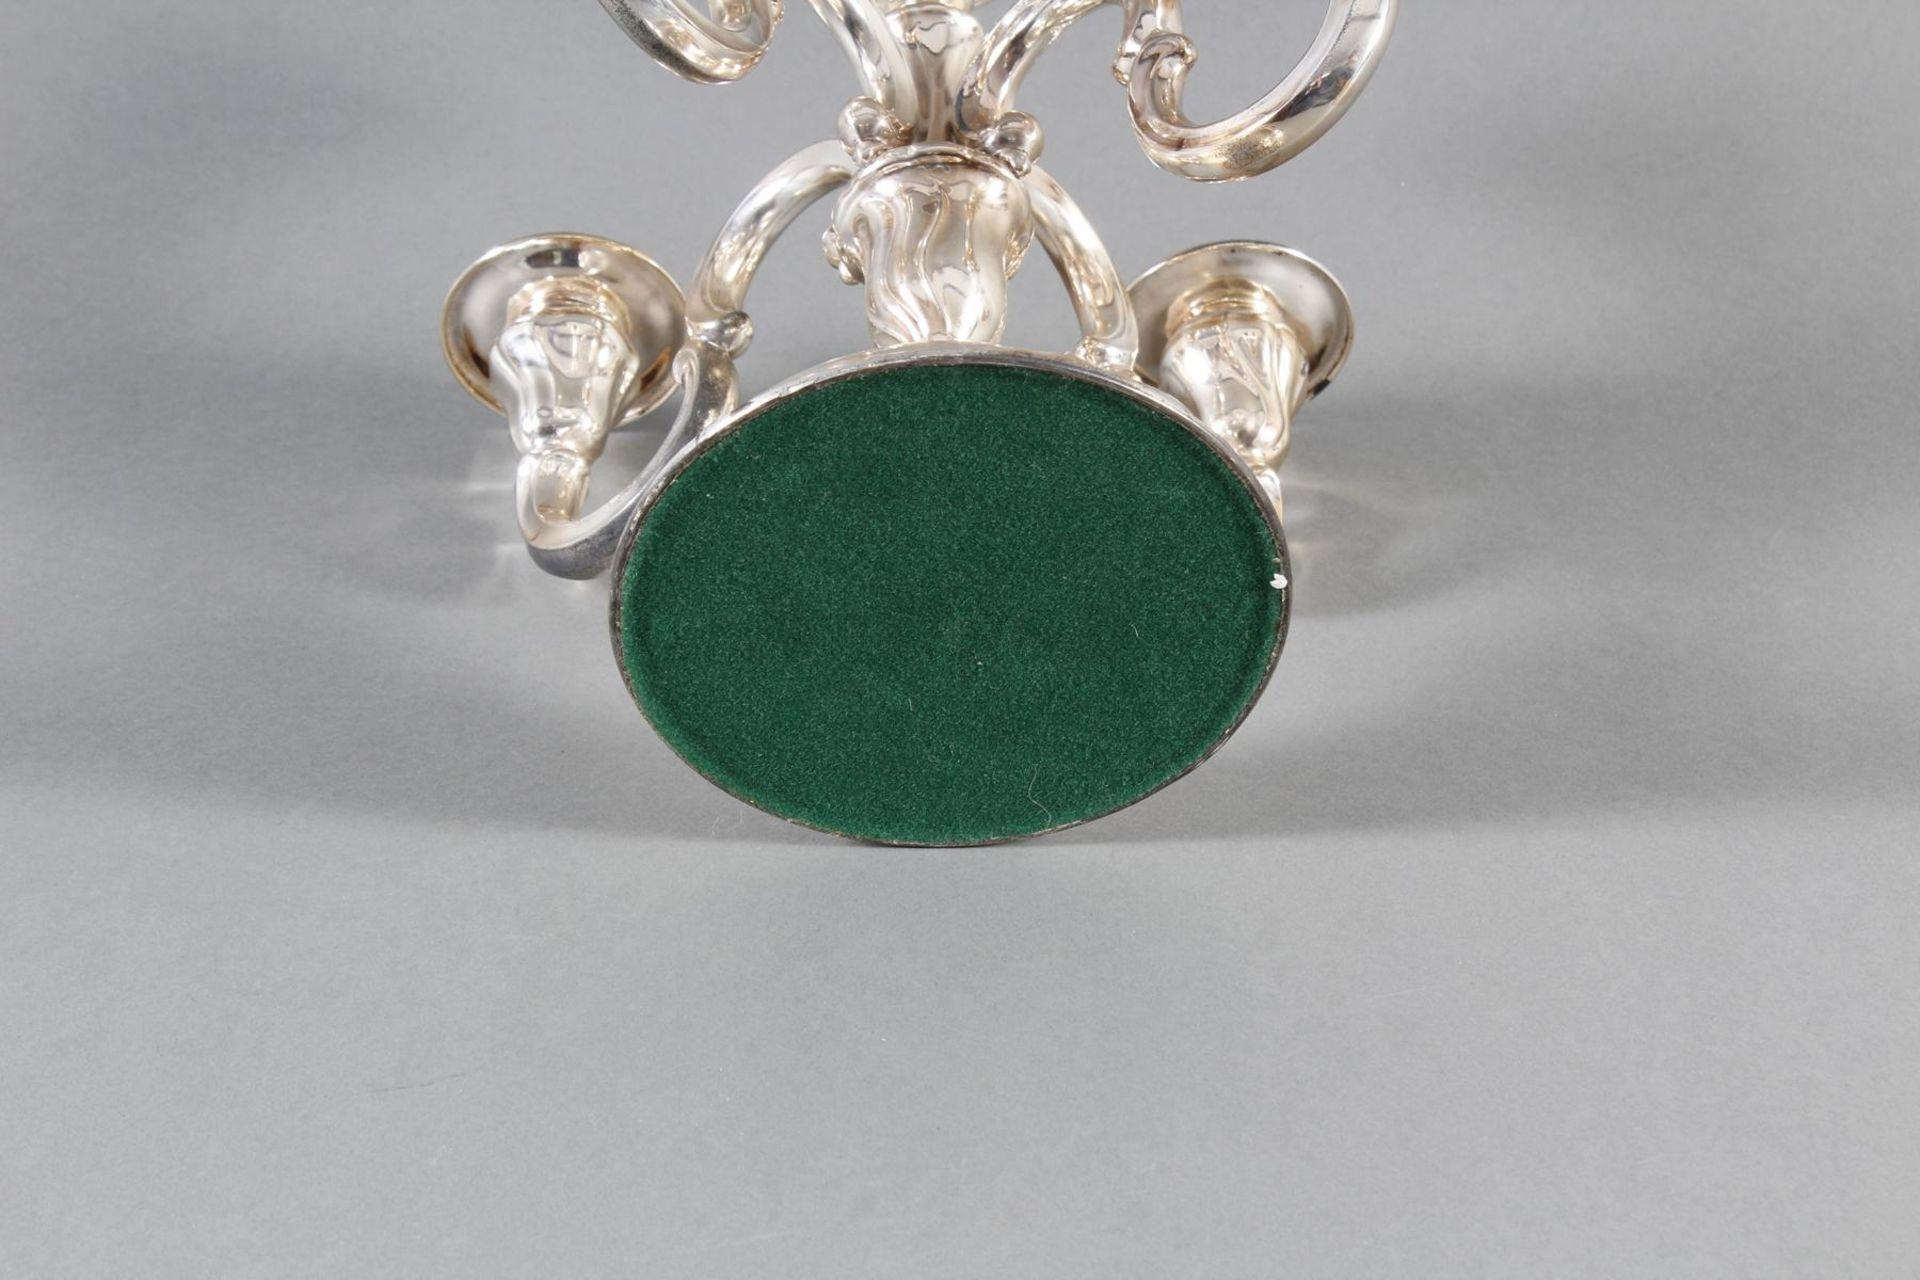 Silberner Kerzenständer - Bild 4 aus 4